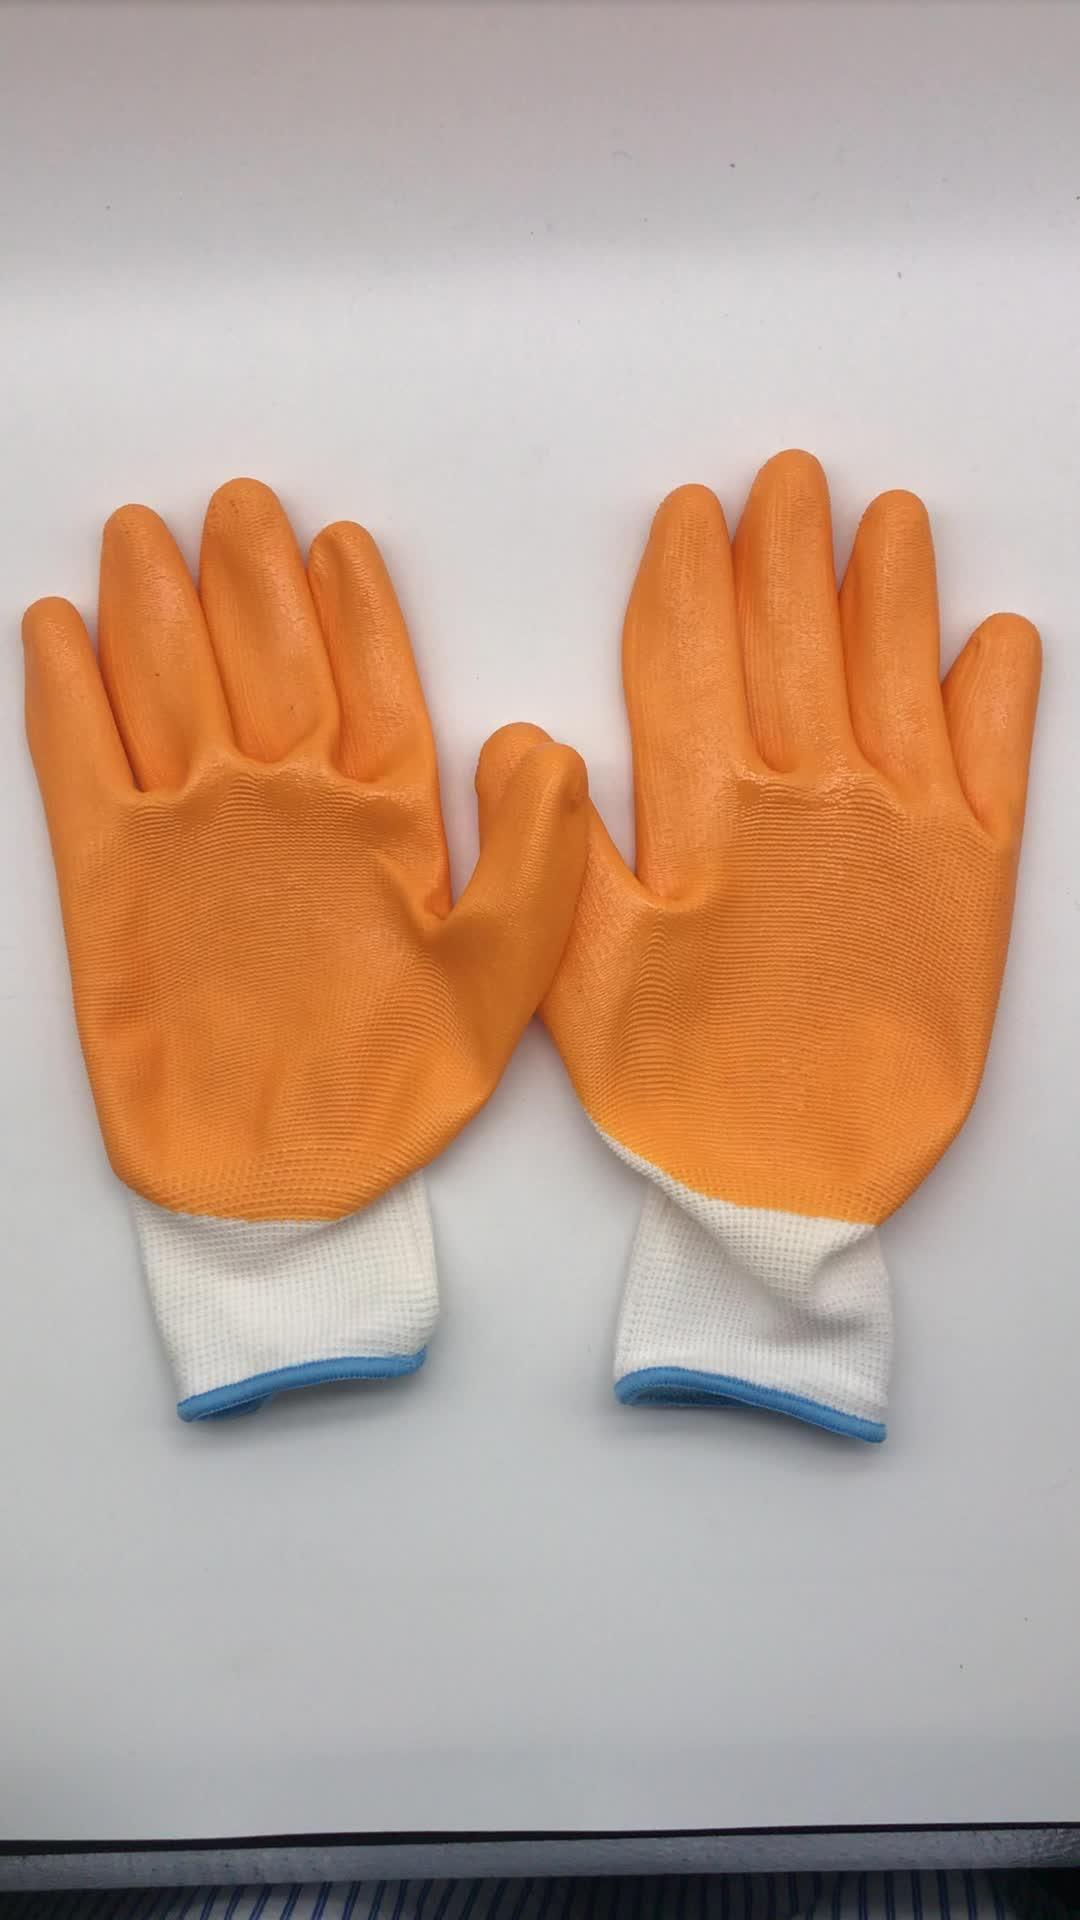 Хорошее Качество Нитриловые защитные рабочие перчатки с пальмовым и пальмовым покрытием